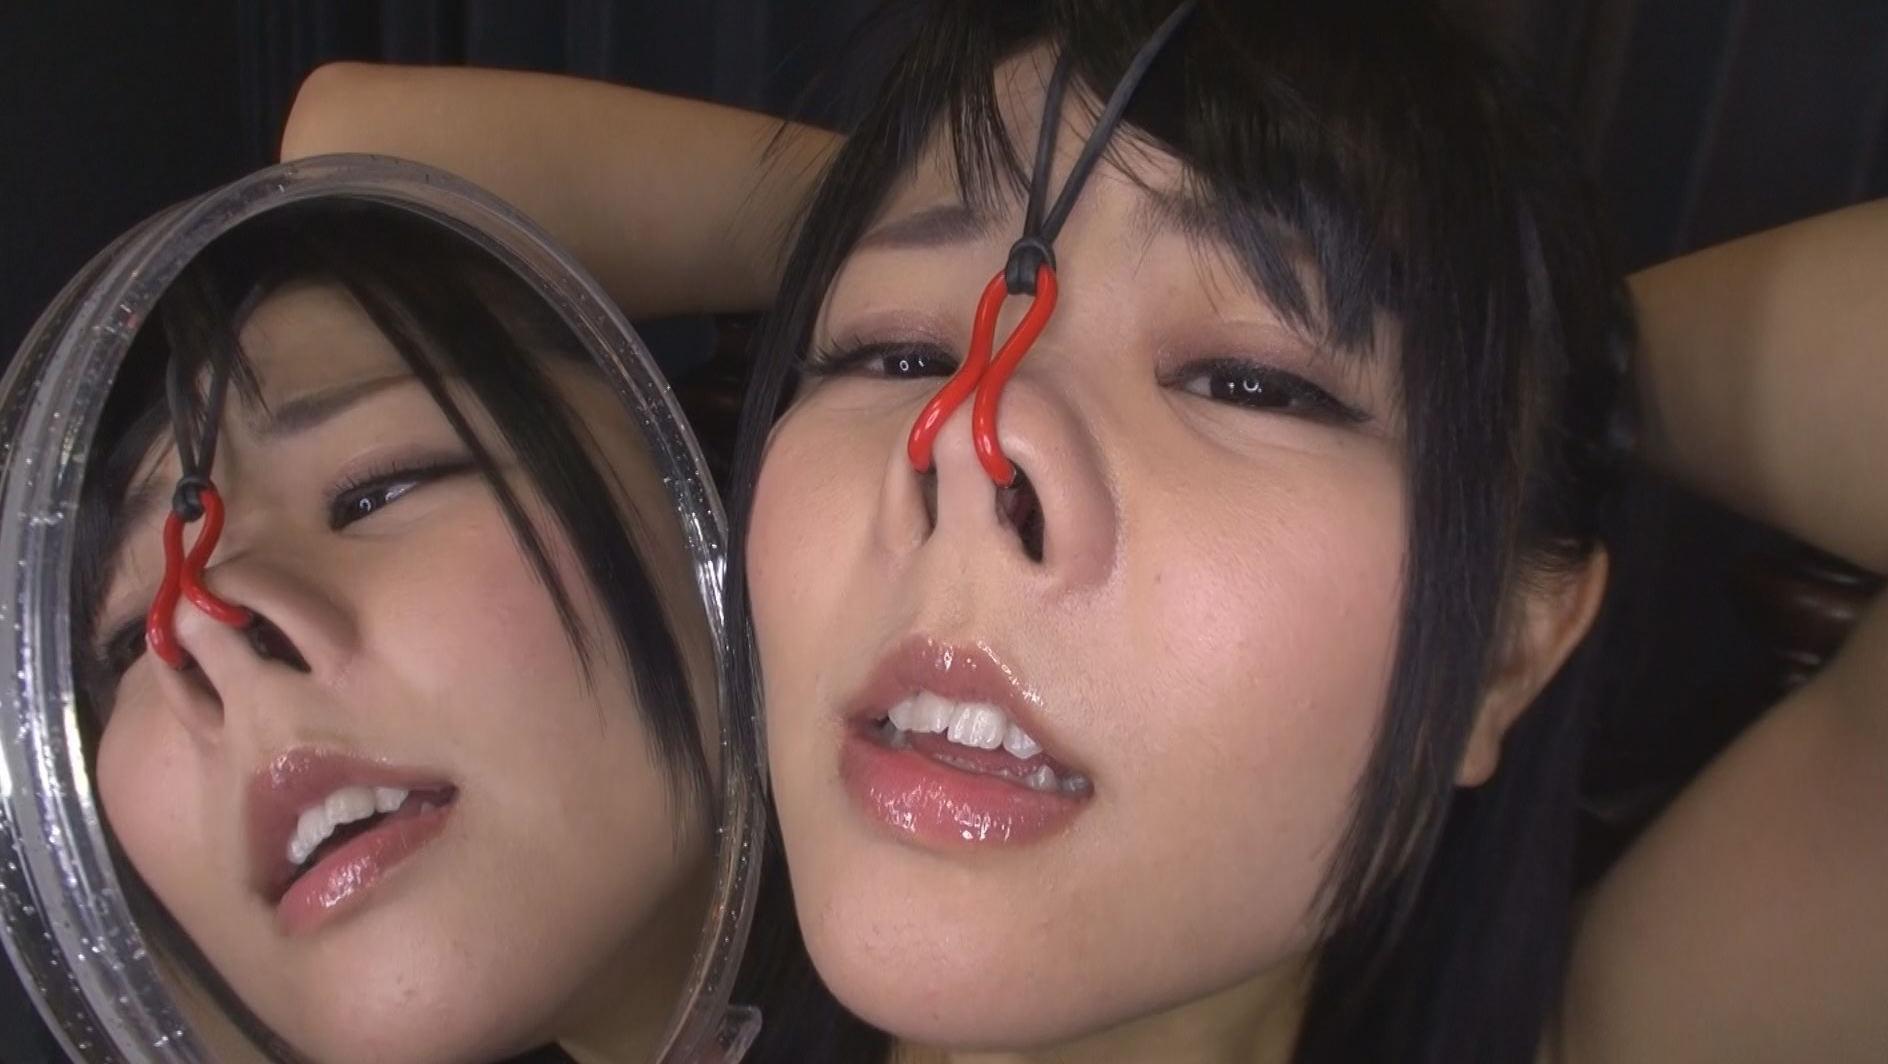 美顔羞恥 豚鼻フェラ 画像12